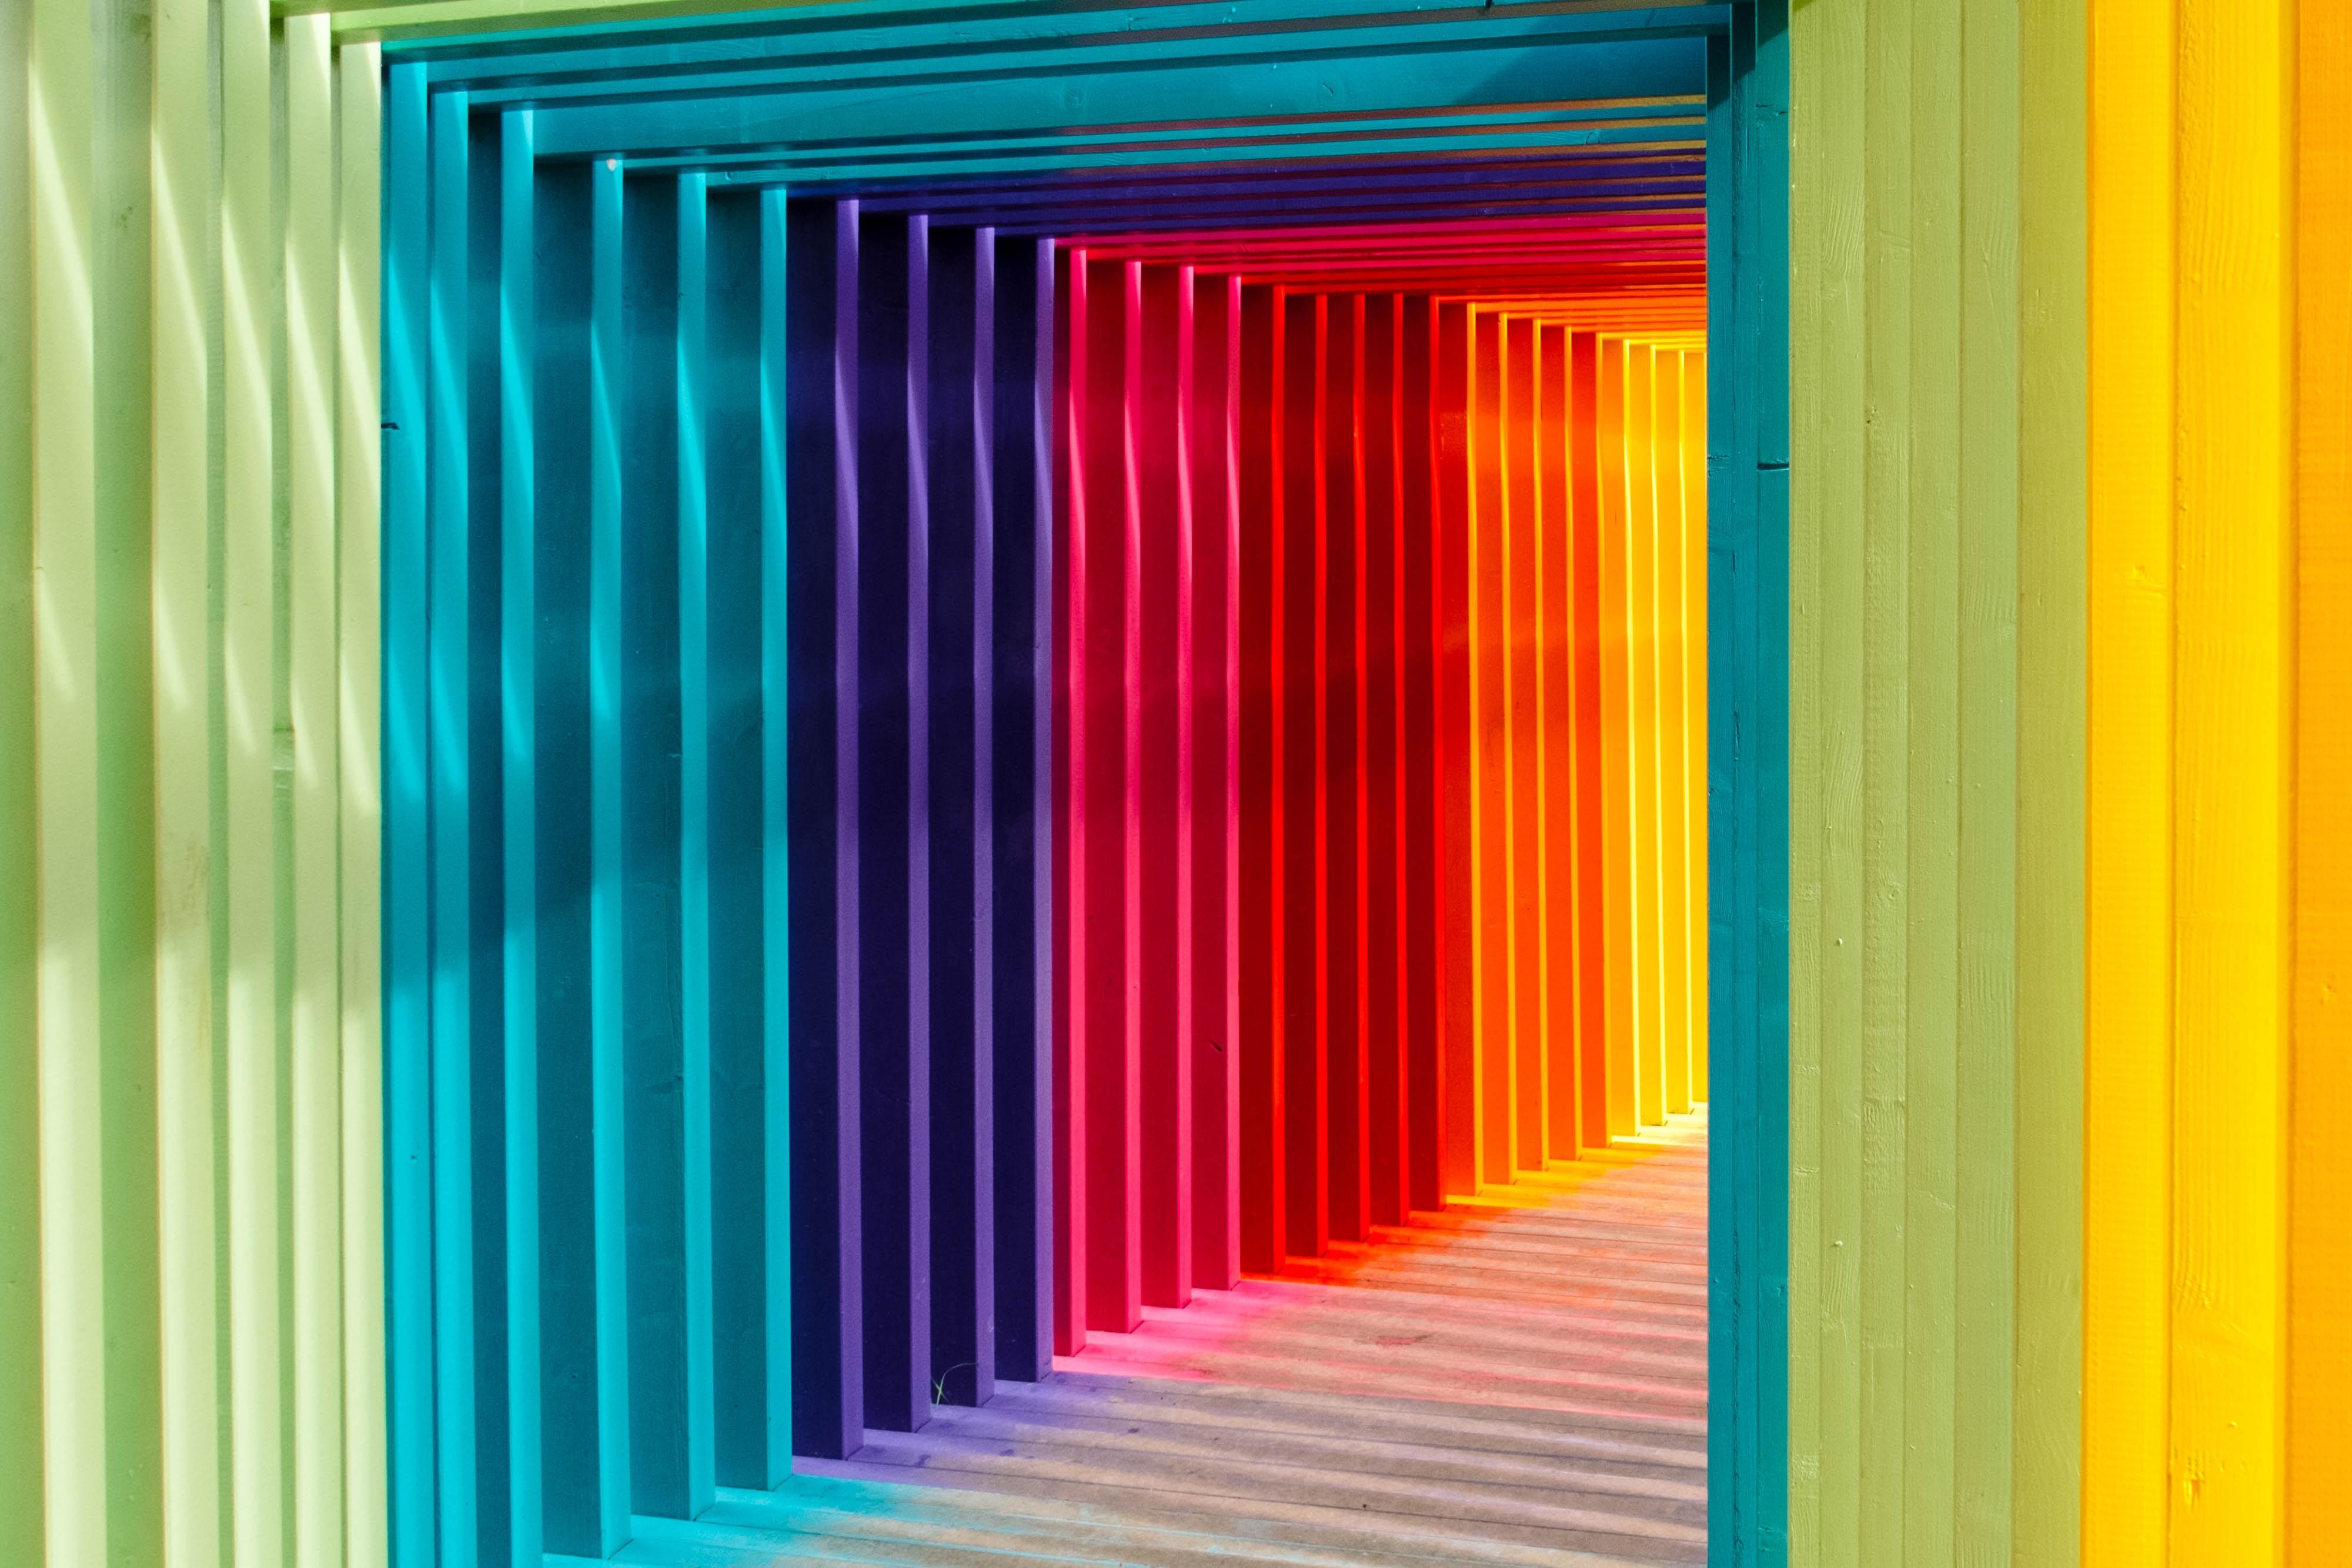 Les couleurs, ces inconnues qui nous contrôlent